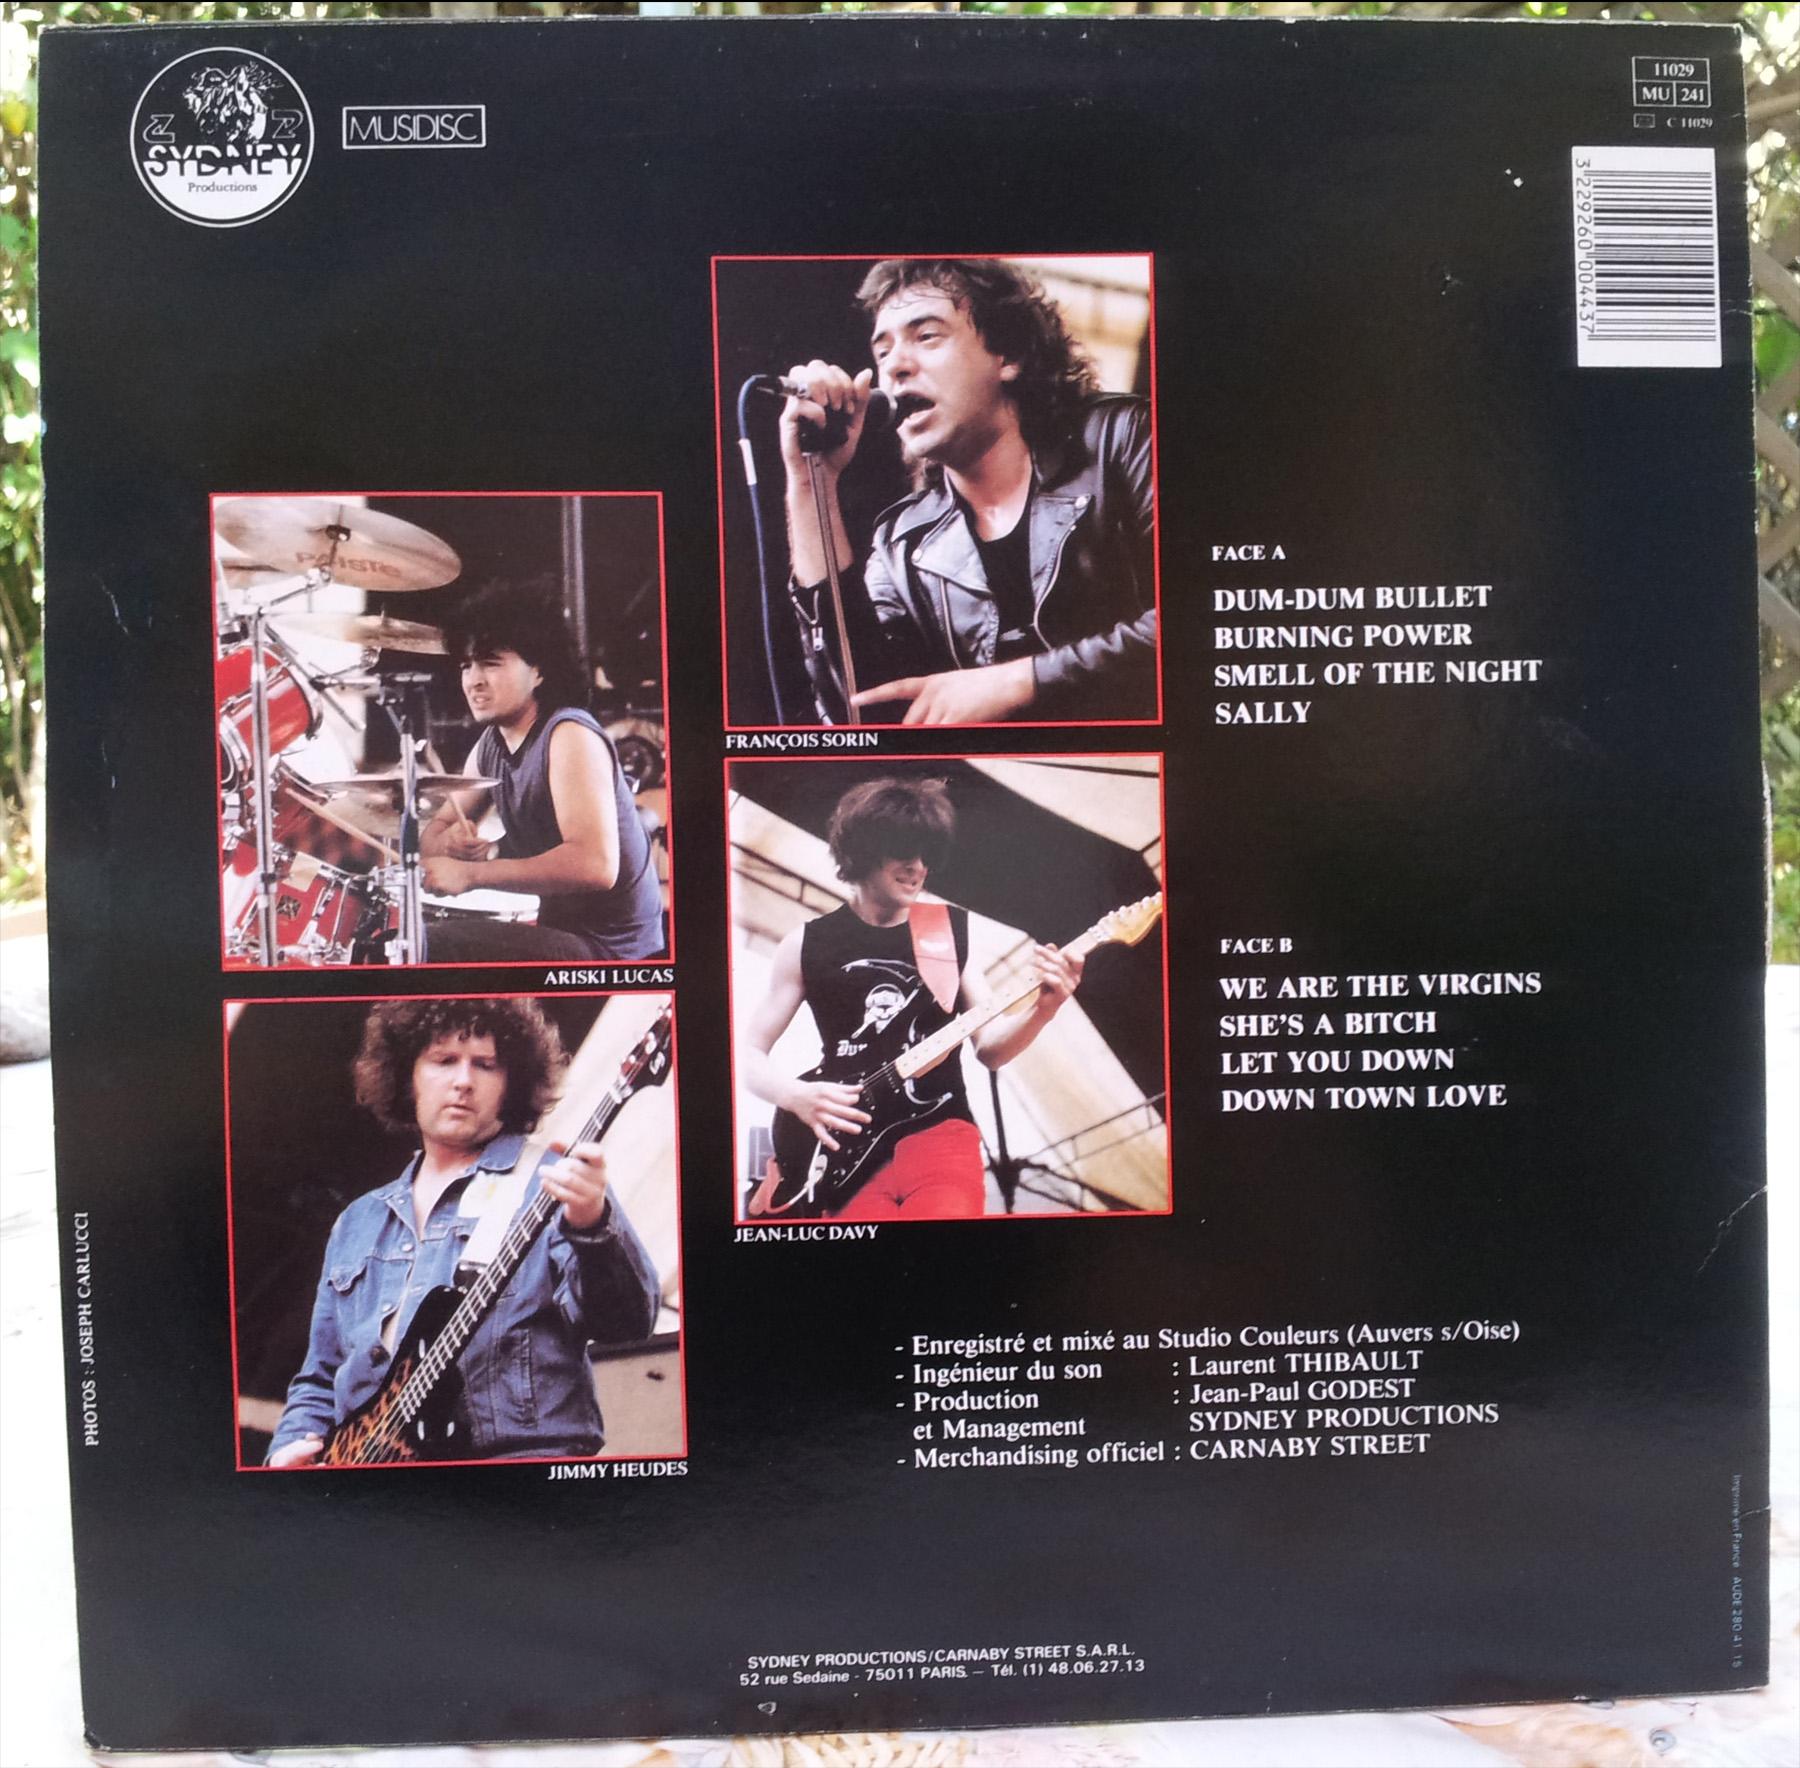 DUM DUM BULLET 1er album (1986) 33 tours - le vinyle vu de plus près ...   Dum_du12